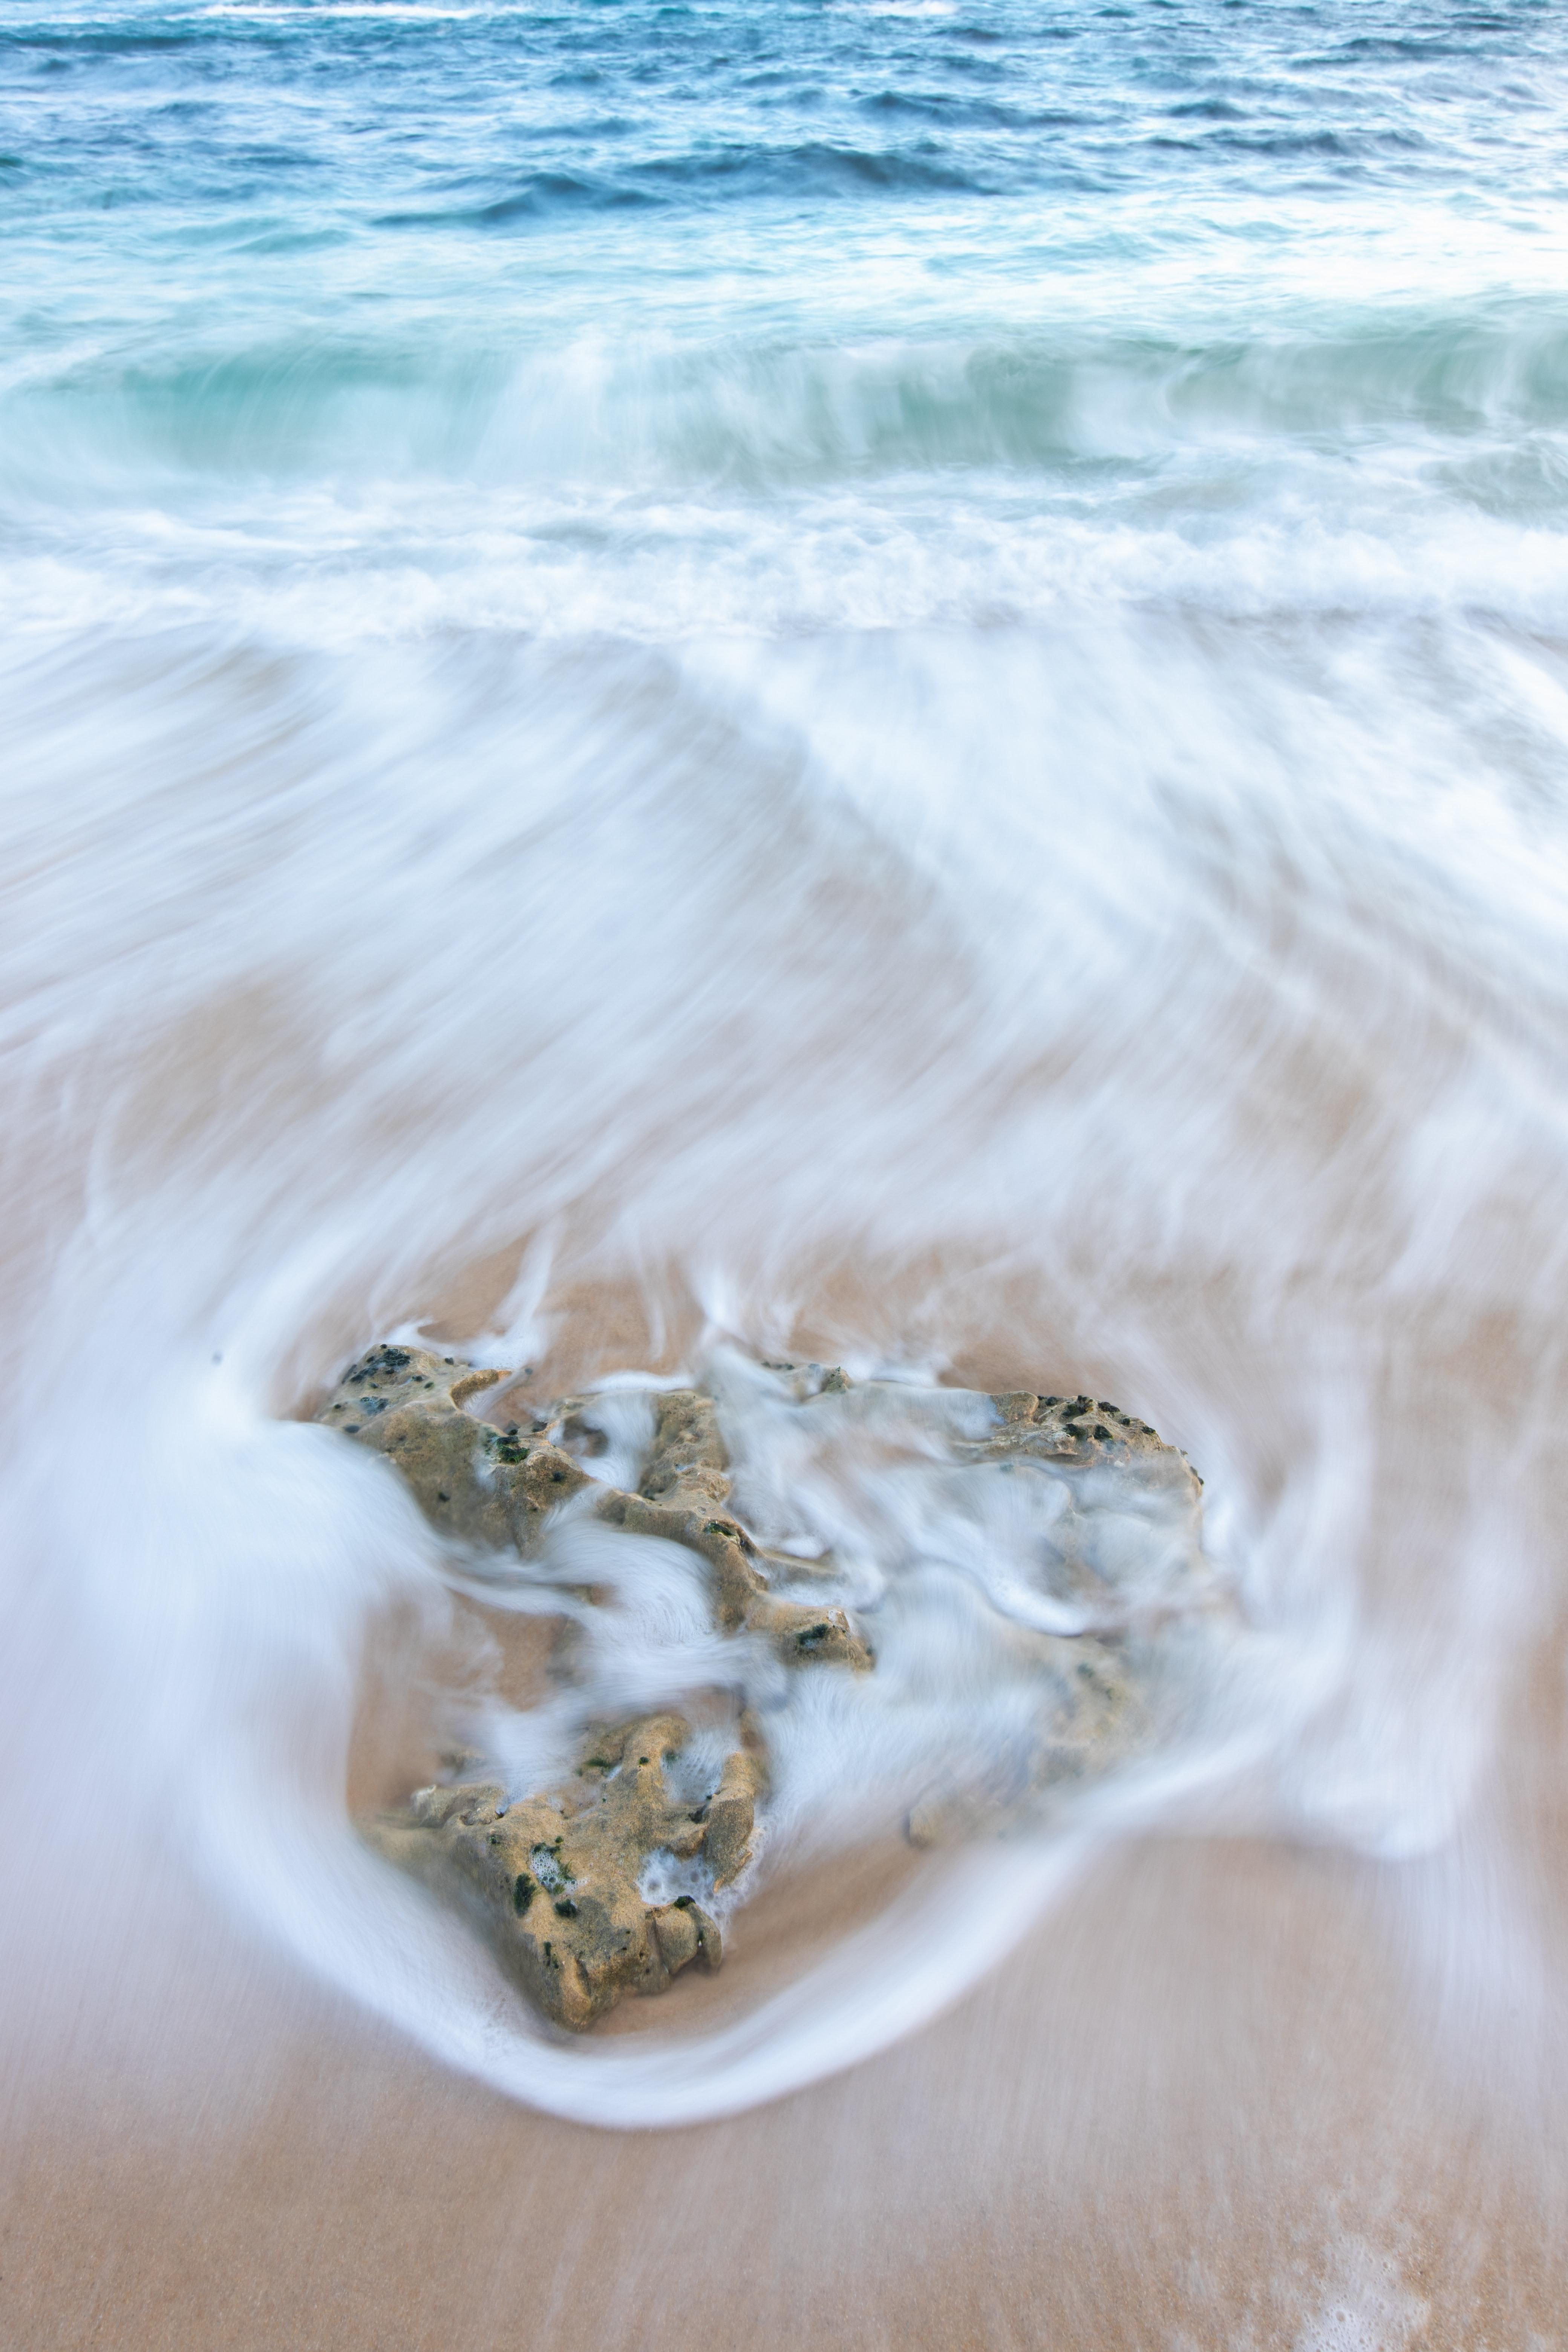 150959壁紙のダウンロード自然, ビーチ, 岩石, 石, 海, 波-スクリーンセーバーと写真を無料で